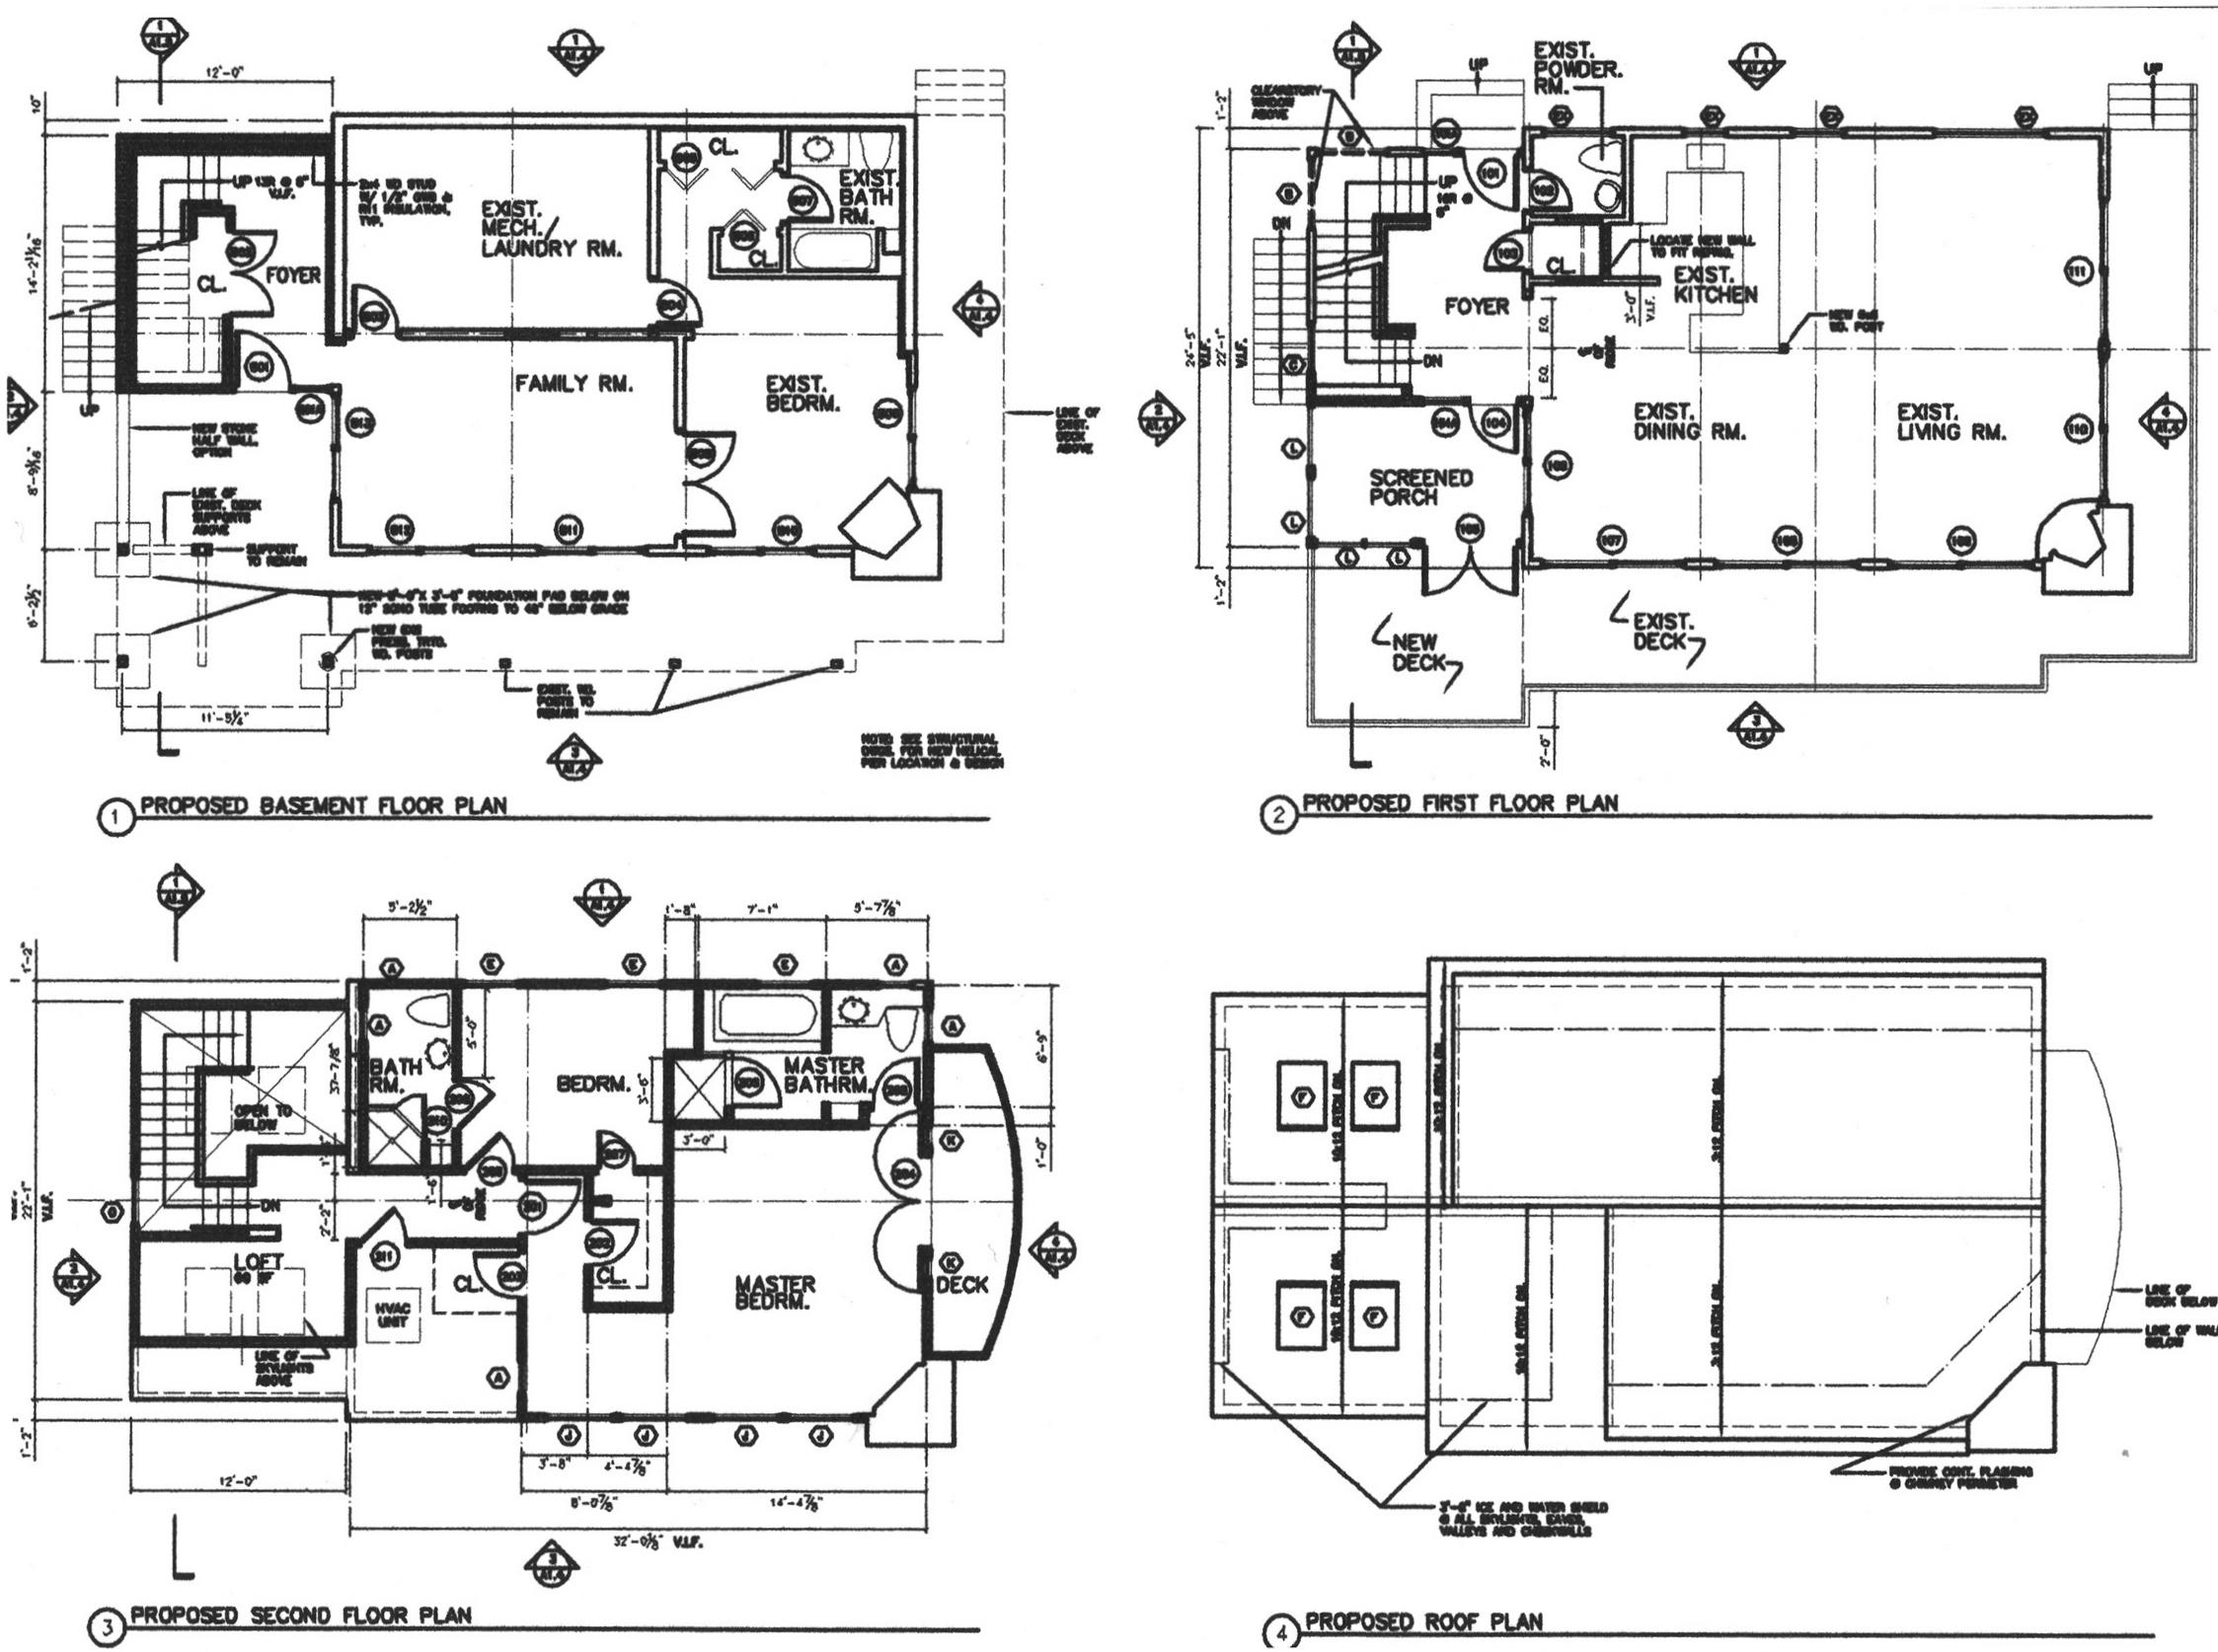 Hood_Shay Floor Plan.jpg